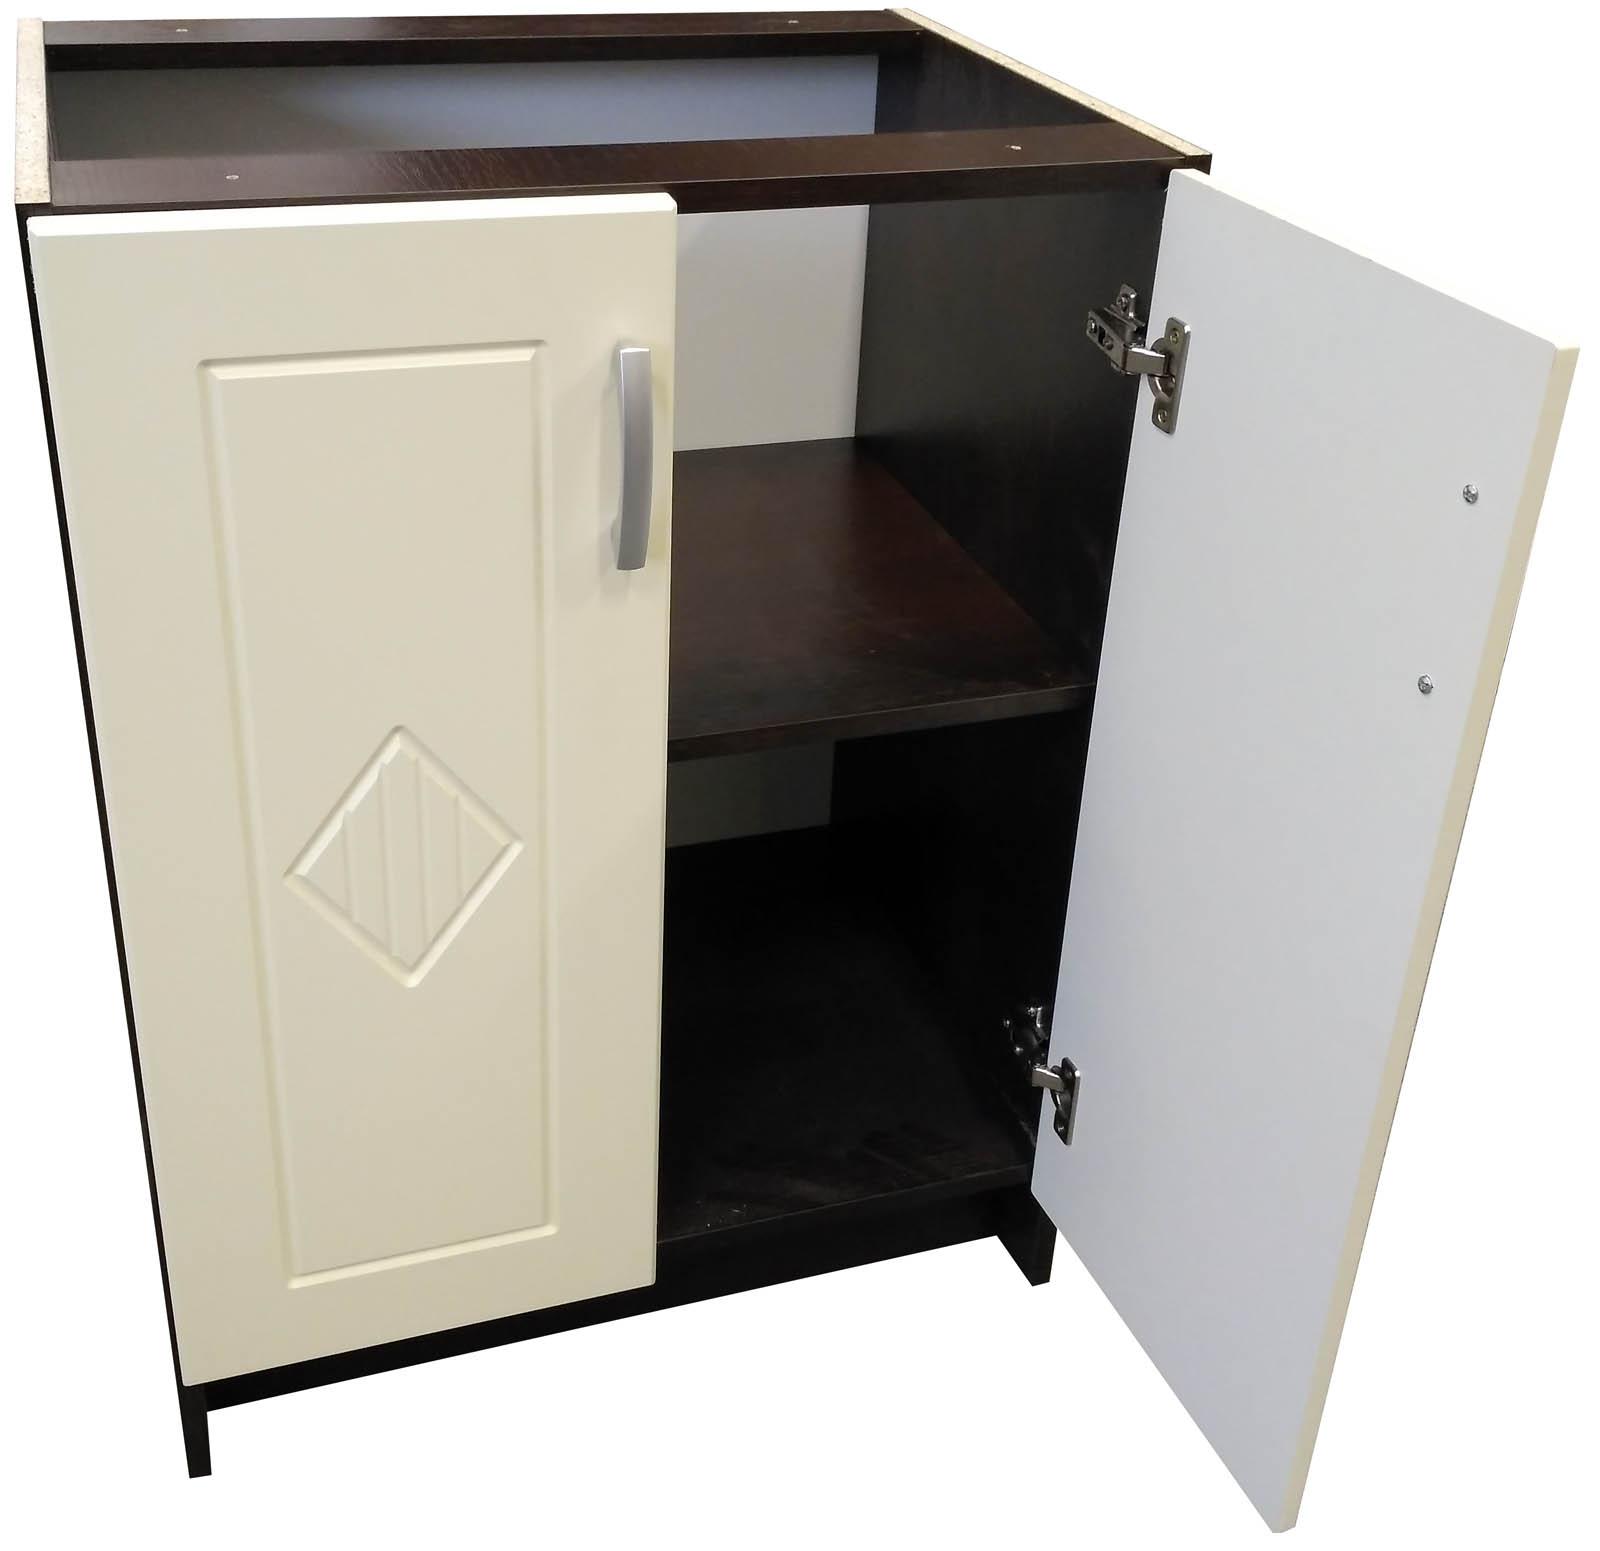 Spodní kuchyňská skříňka 60 cm - výprodej